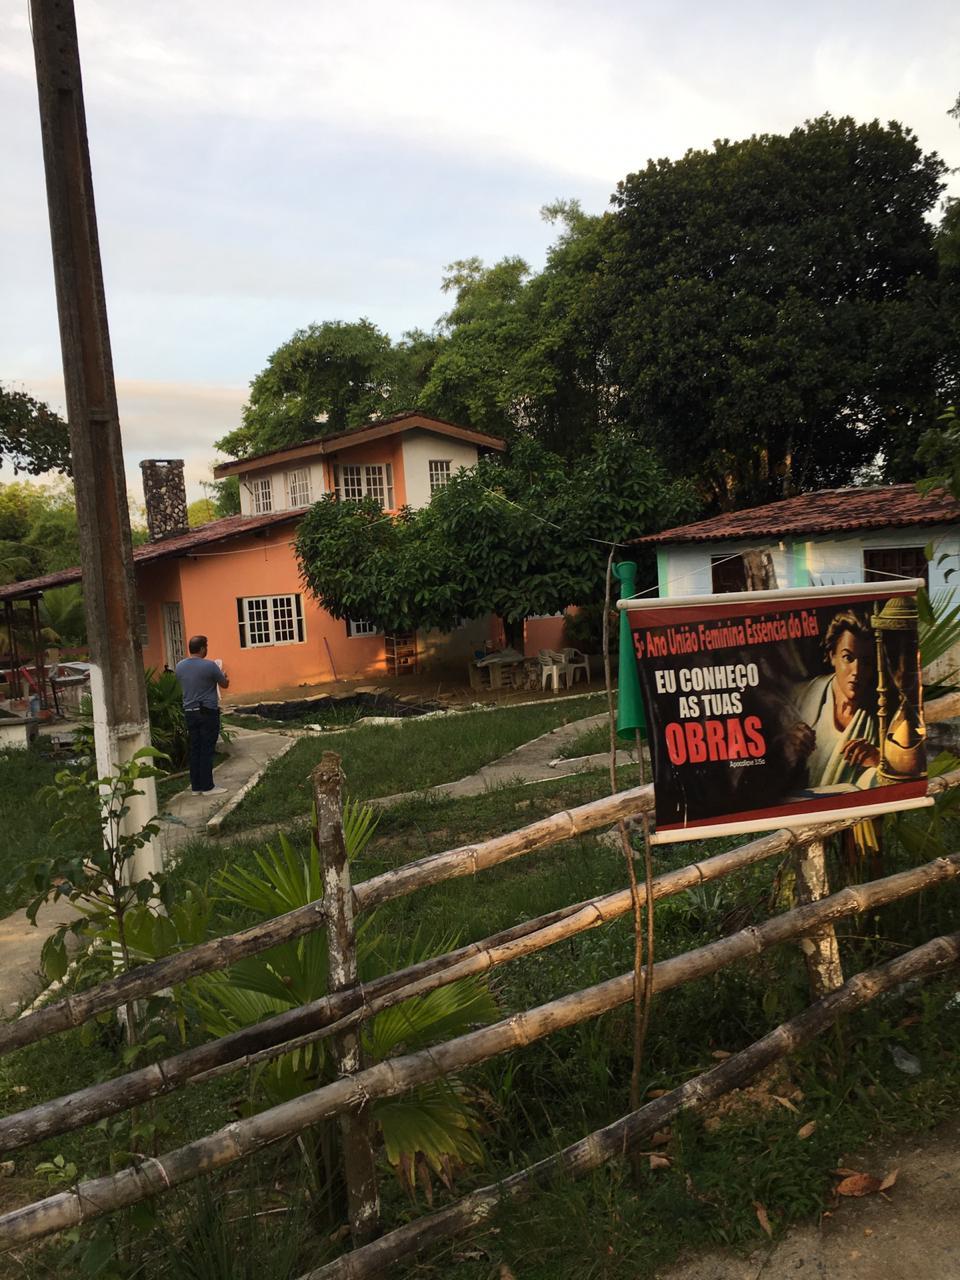 Vítimas eram torturadas em um suposto centro de tratamento para dependentes químicos. Foto: Divulgação Polícia Civil.  (Foto: Divulgação Polícia Civil. )